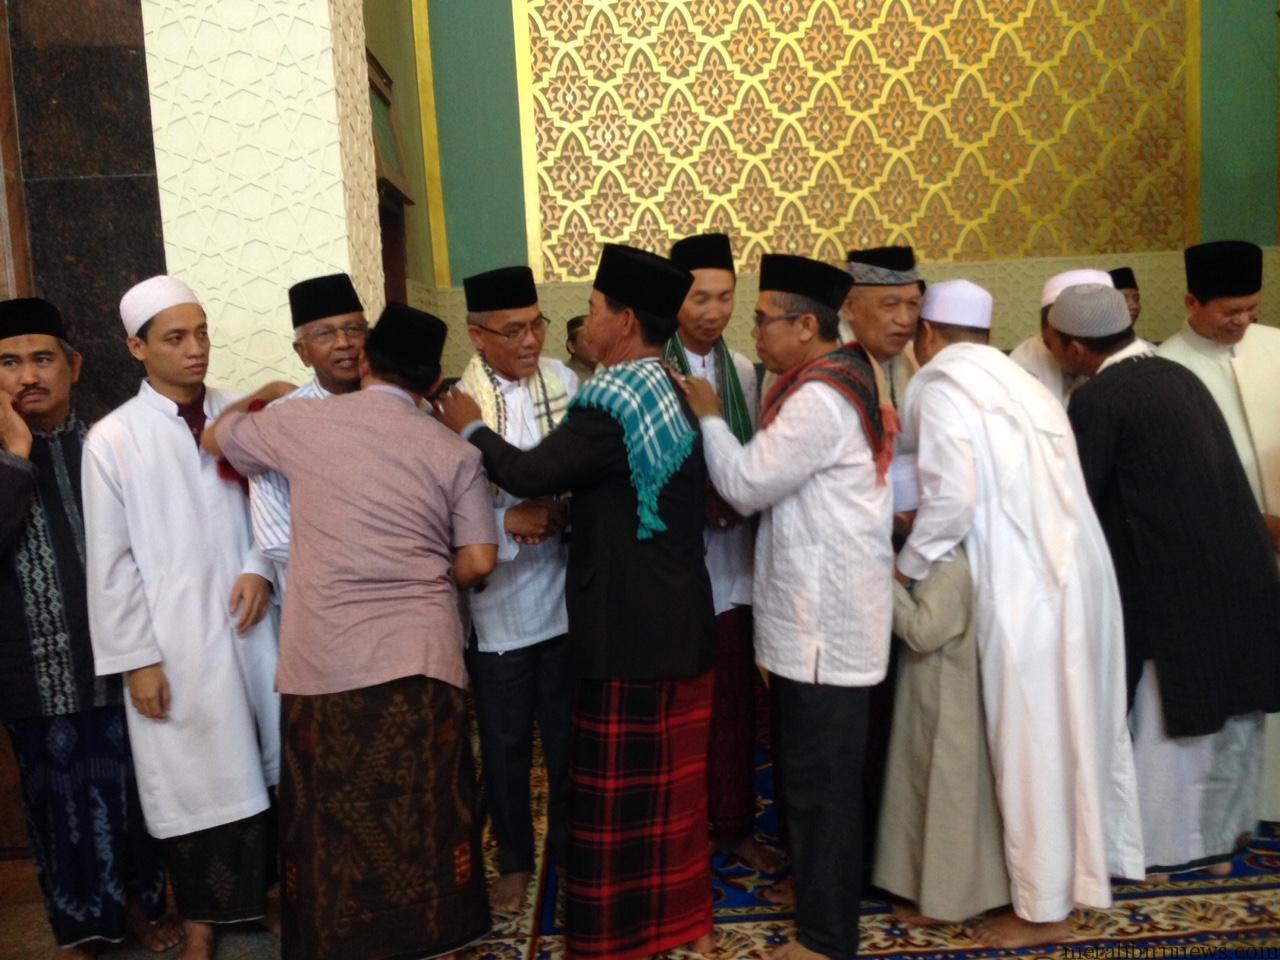 Walikota Tarakan Sofian Raga (tengah) saat melakukan hala bi halal dengan masyarakat usai sholat ied di Masjid Raya Baitul Izzah (hfa)